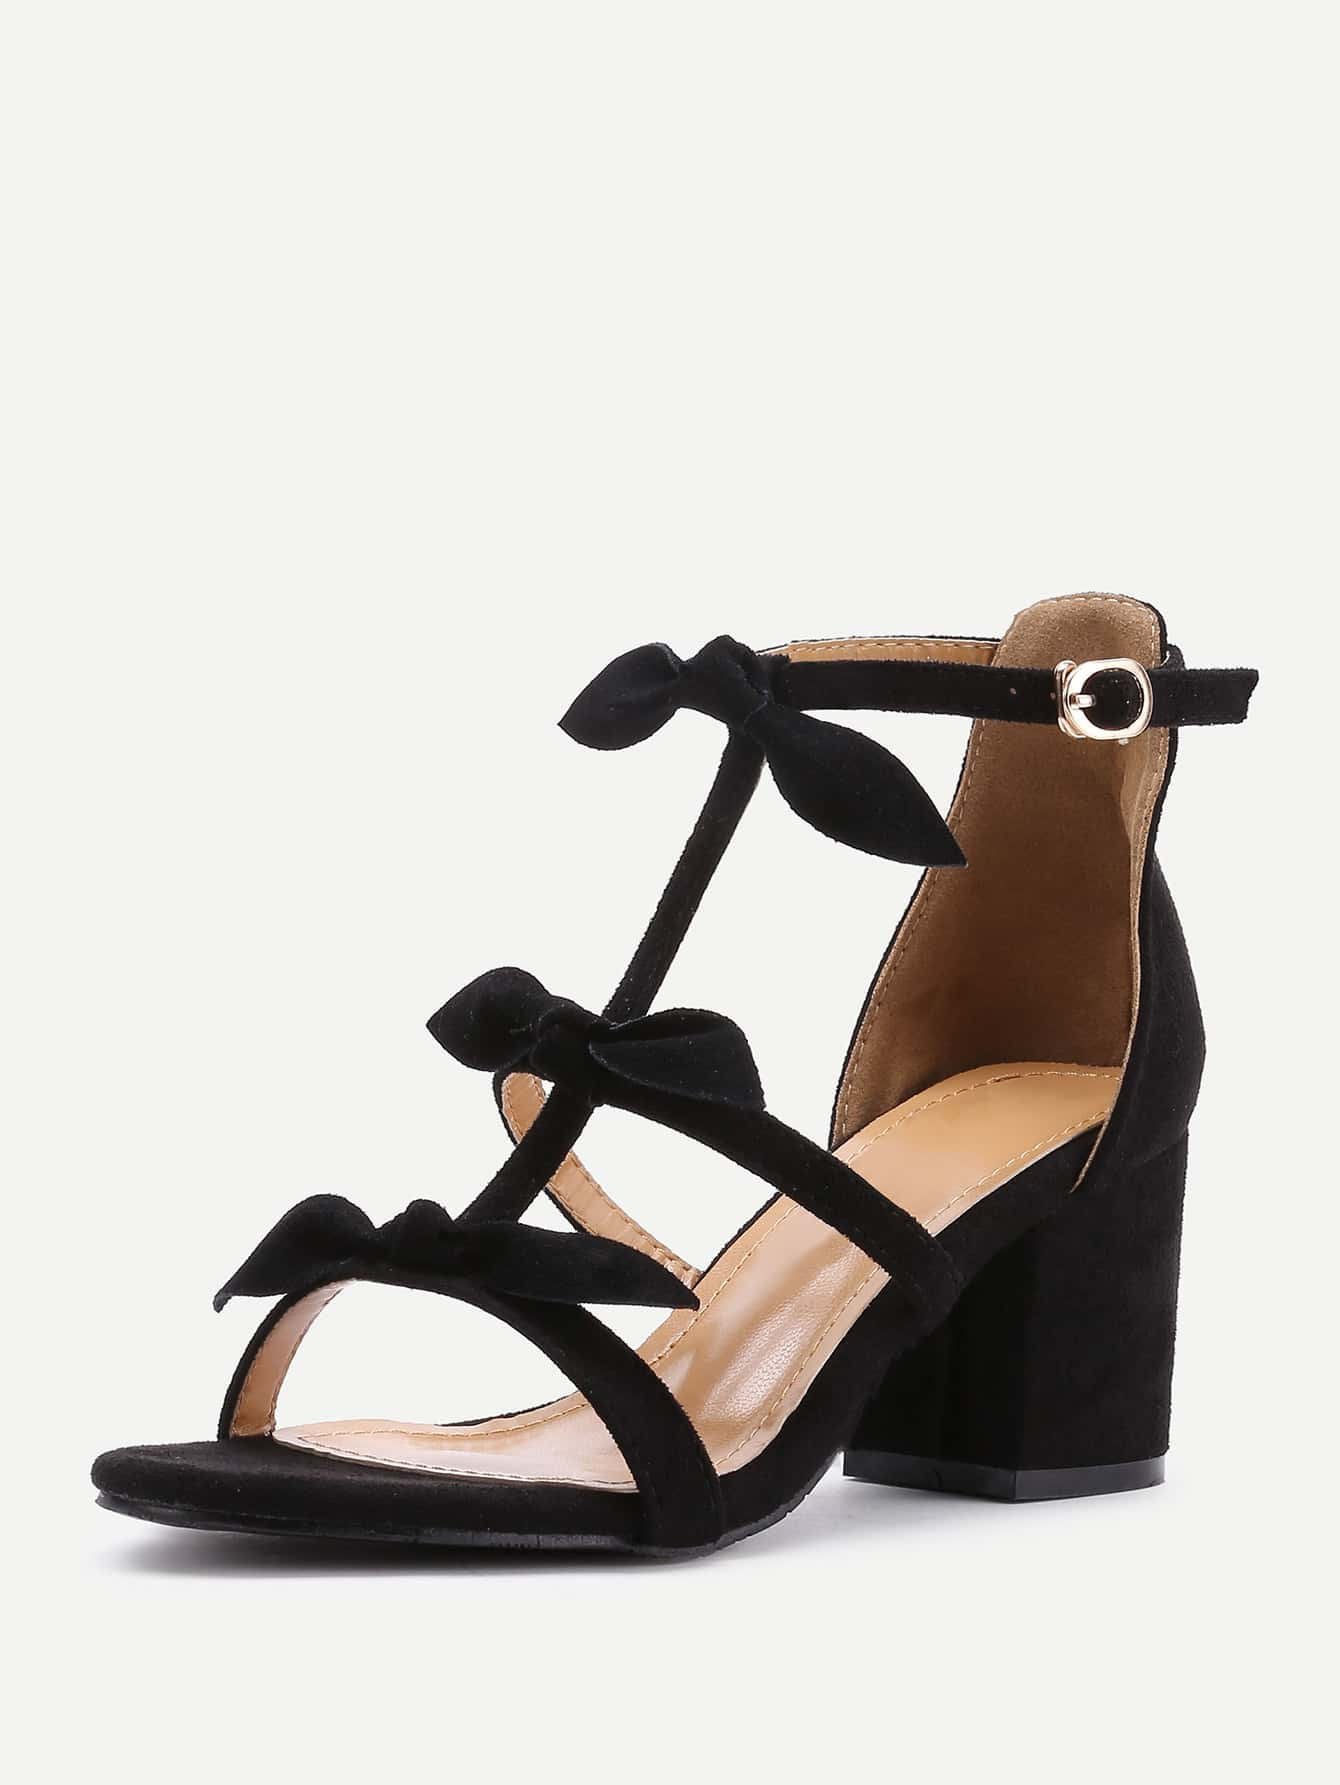 shoes170508806_2